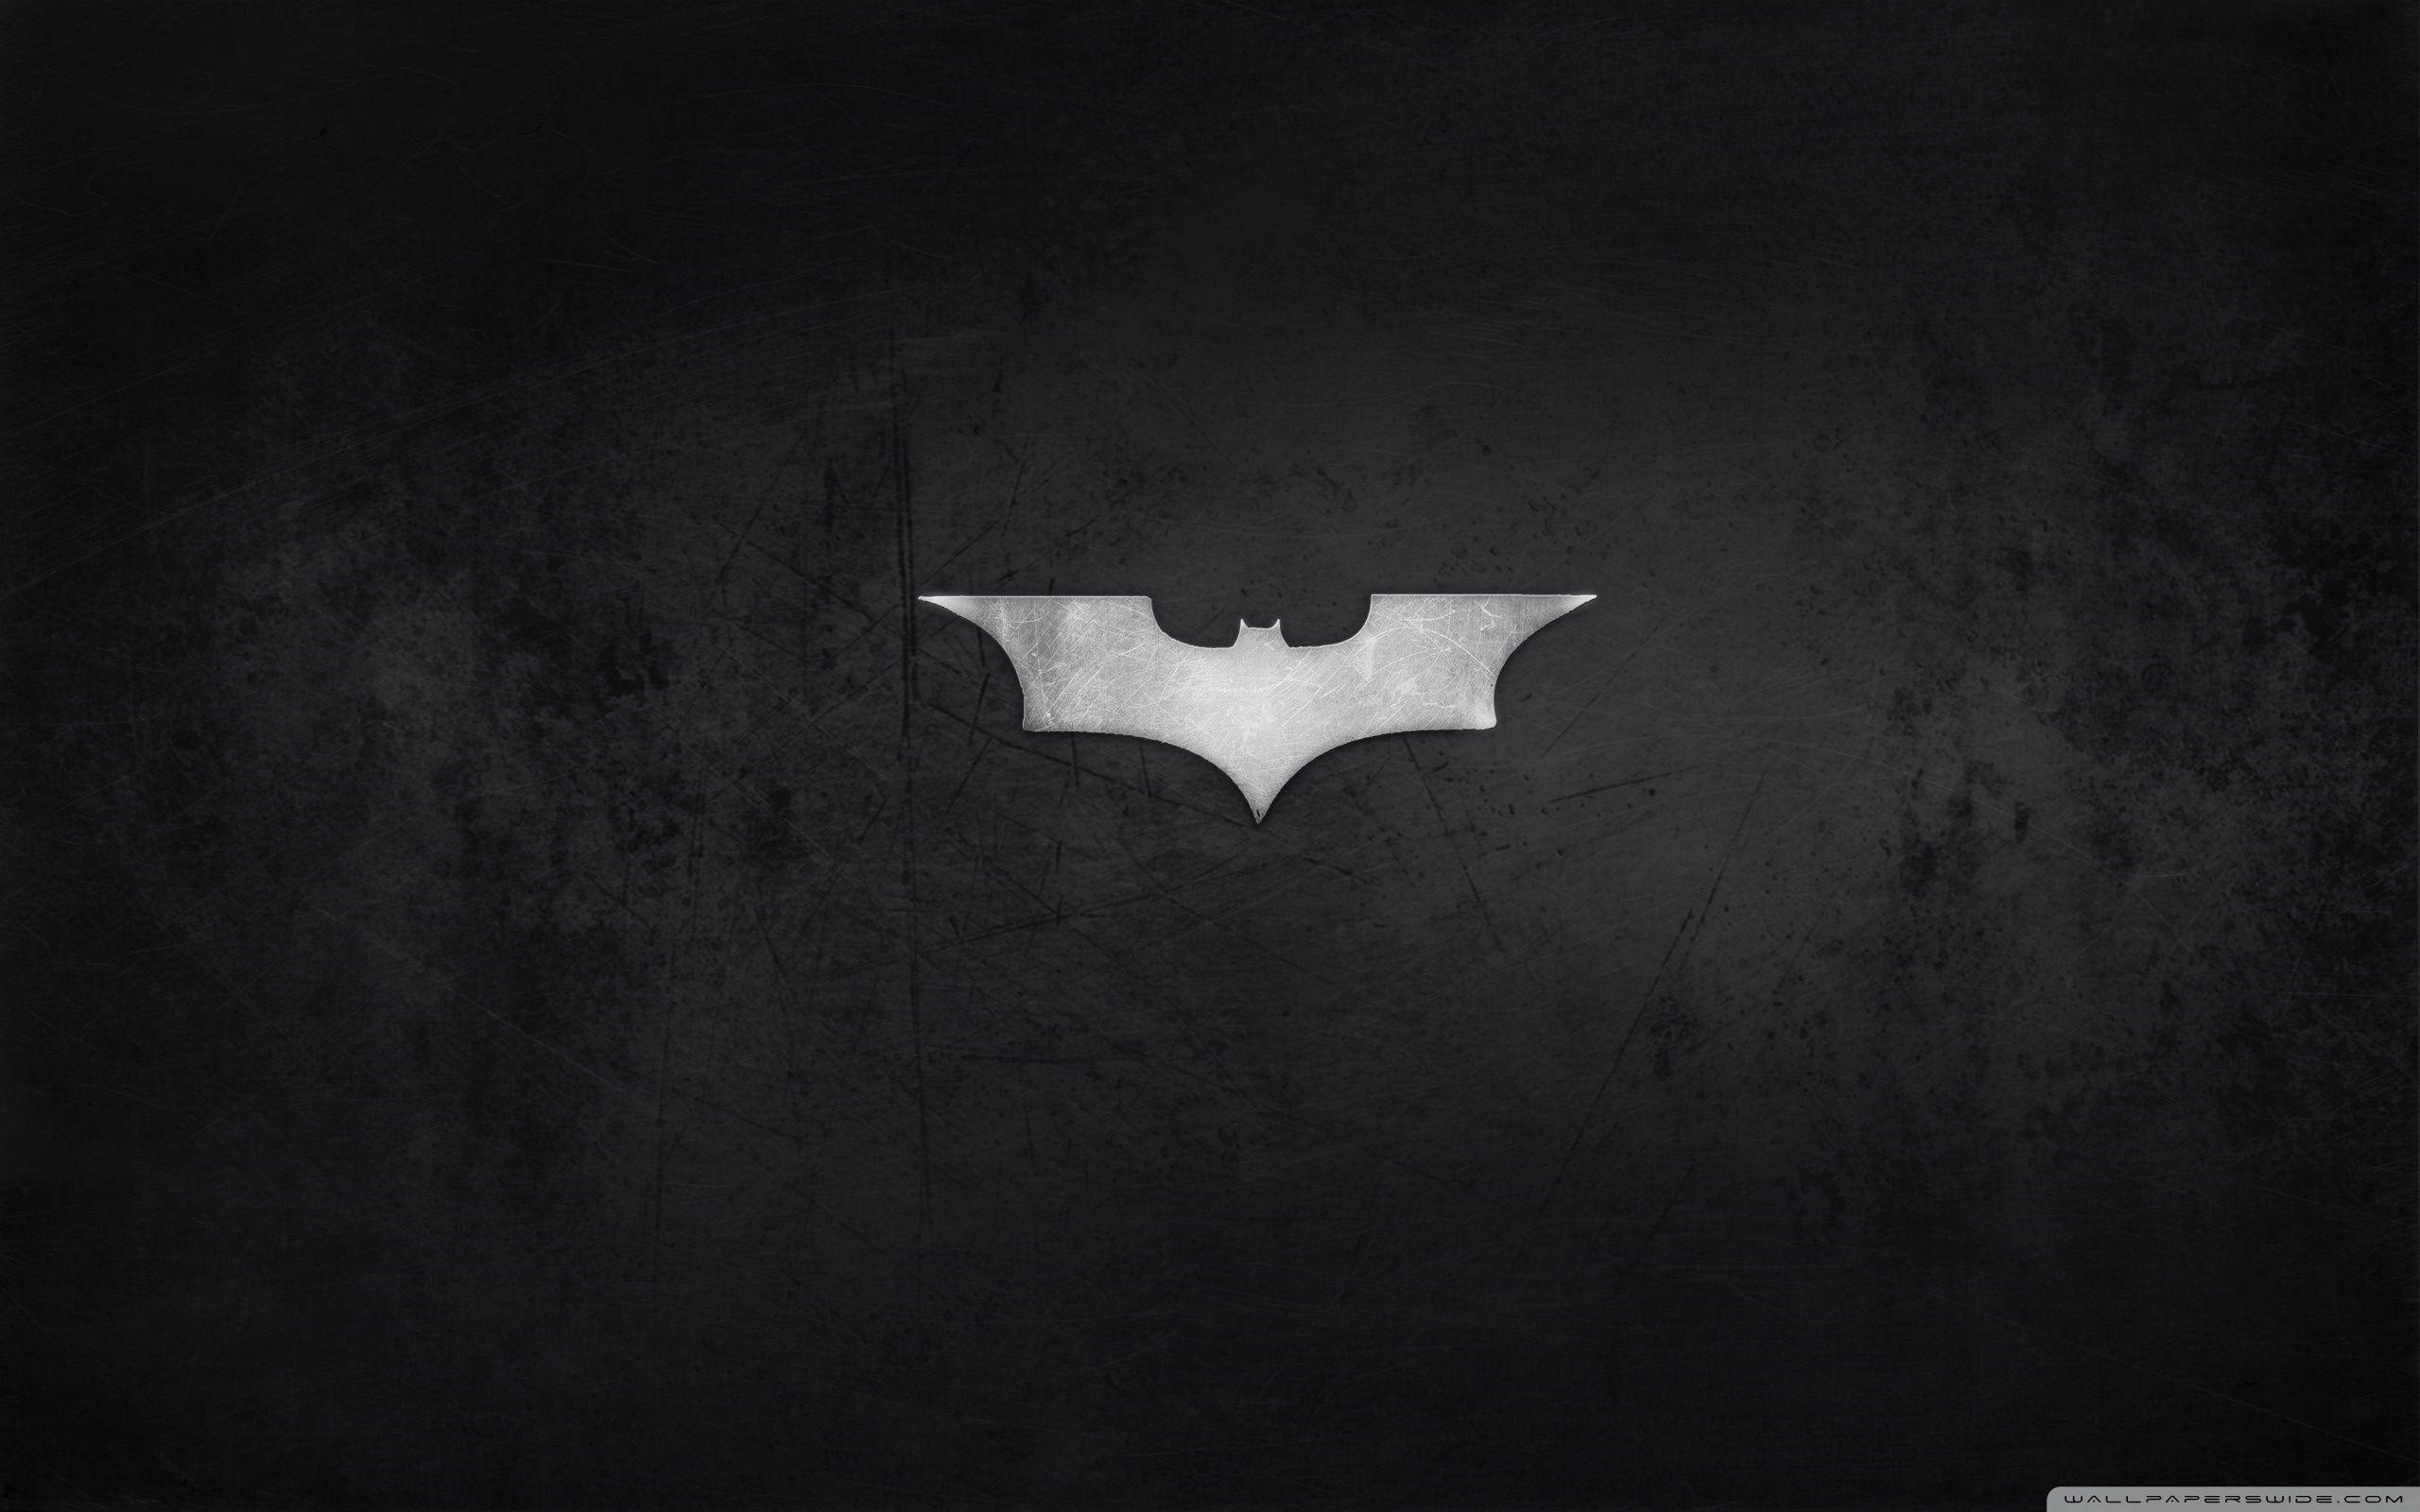 Batman Wallpapers Hd Wallpaper Cave